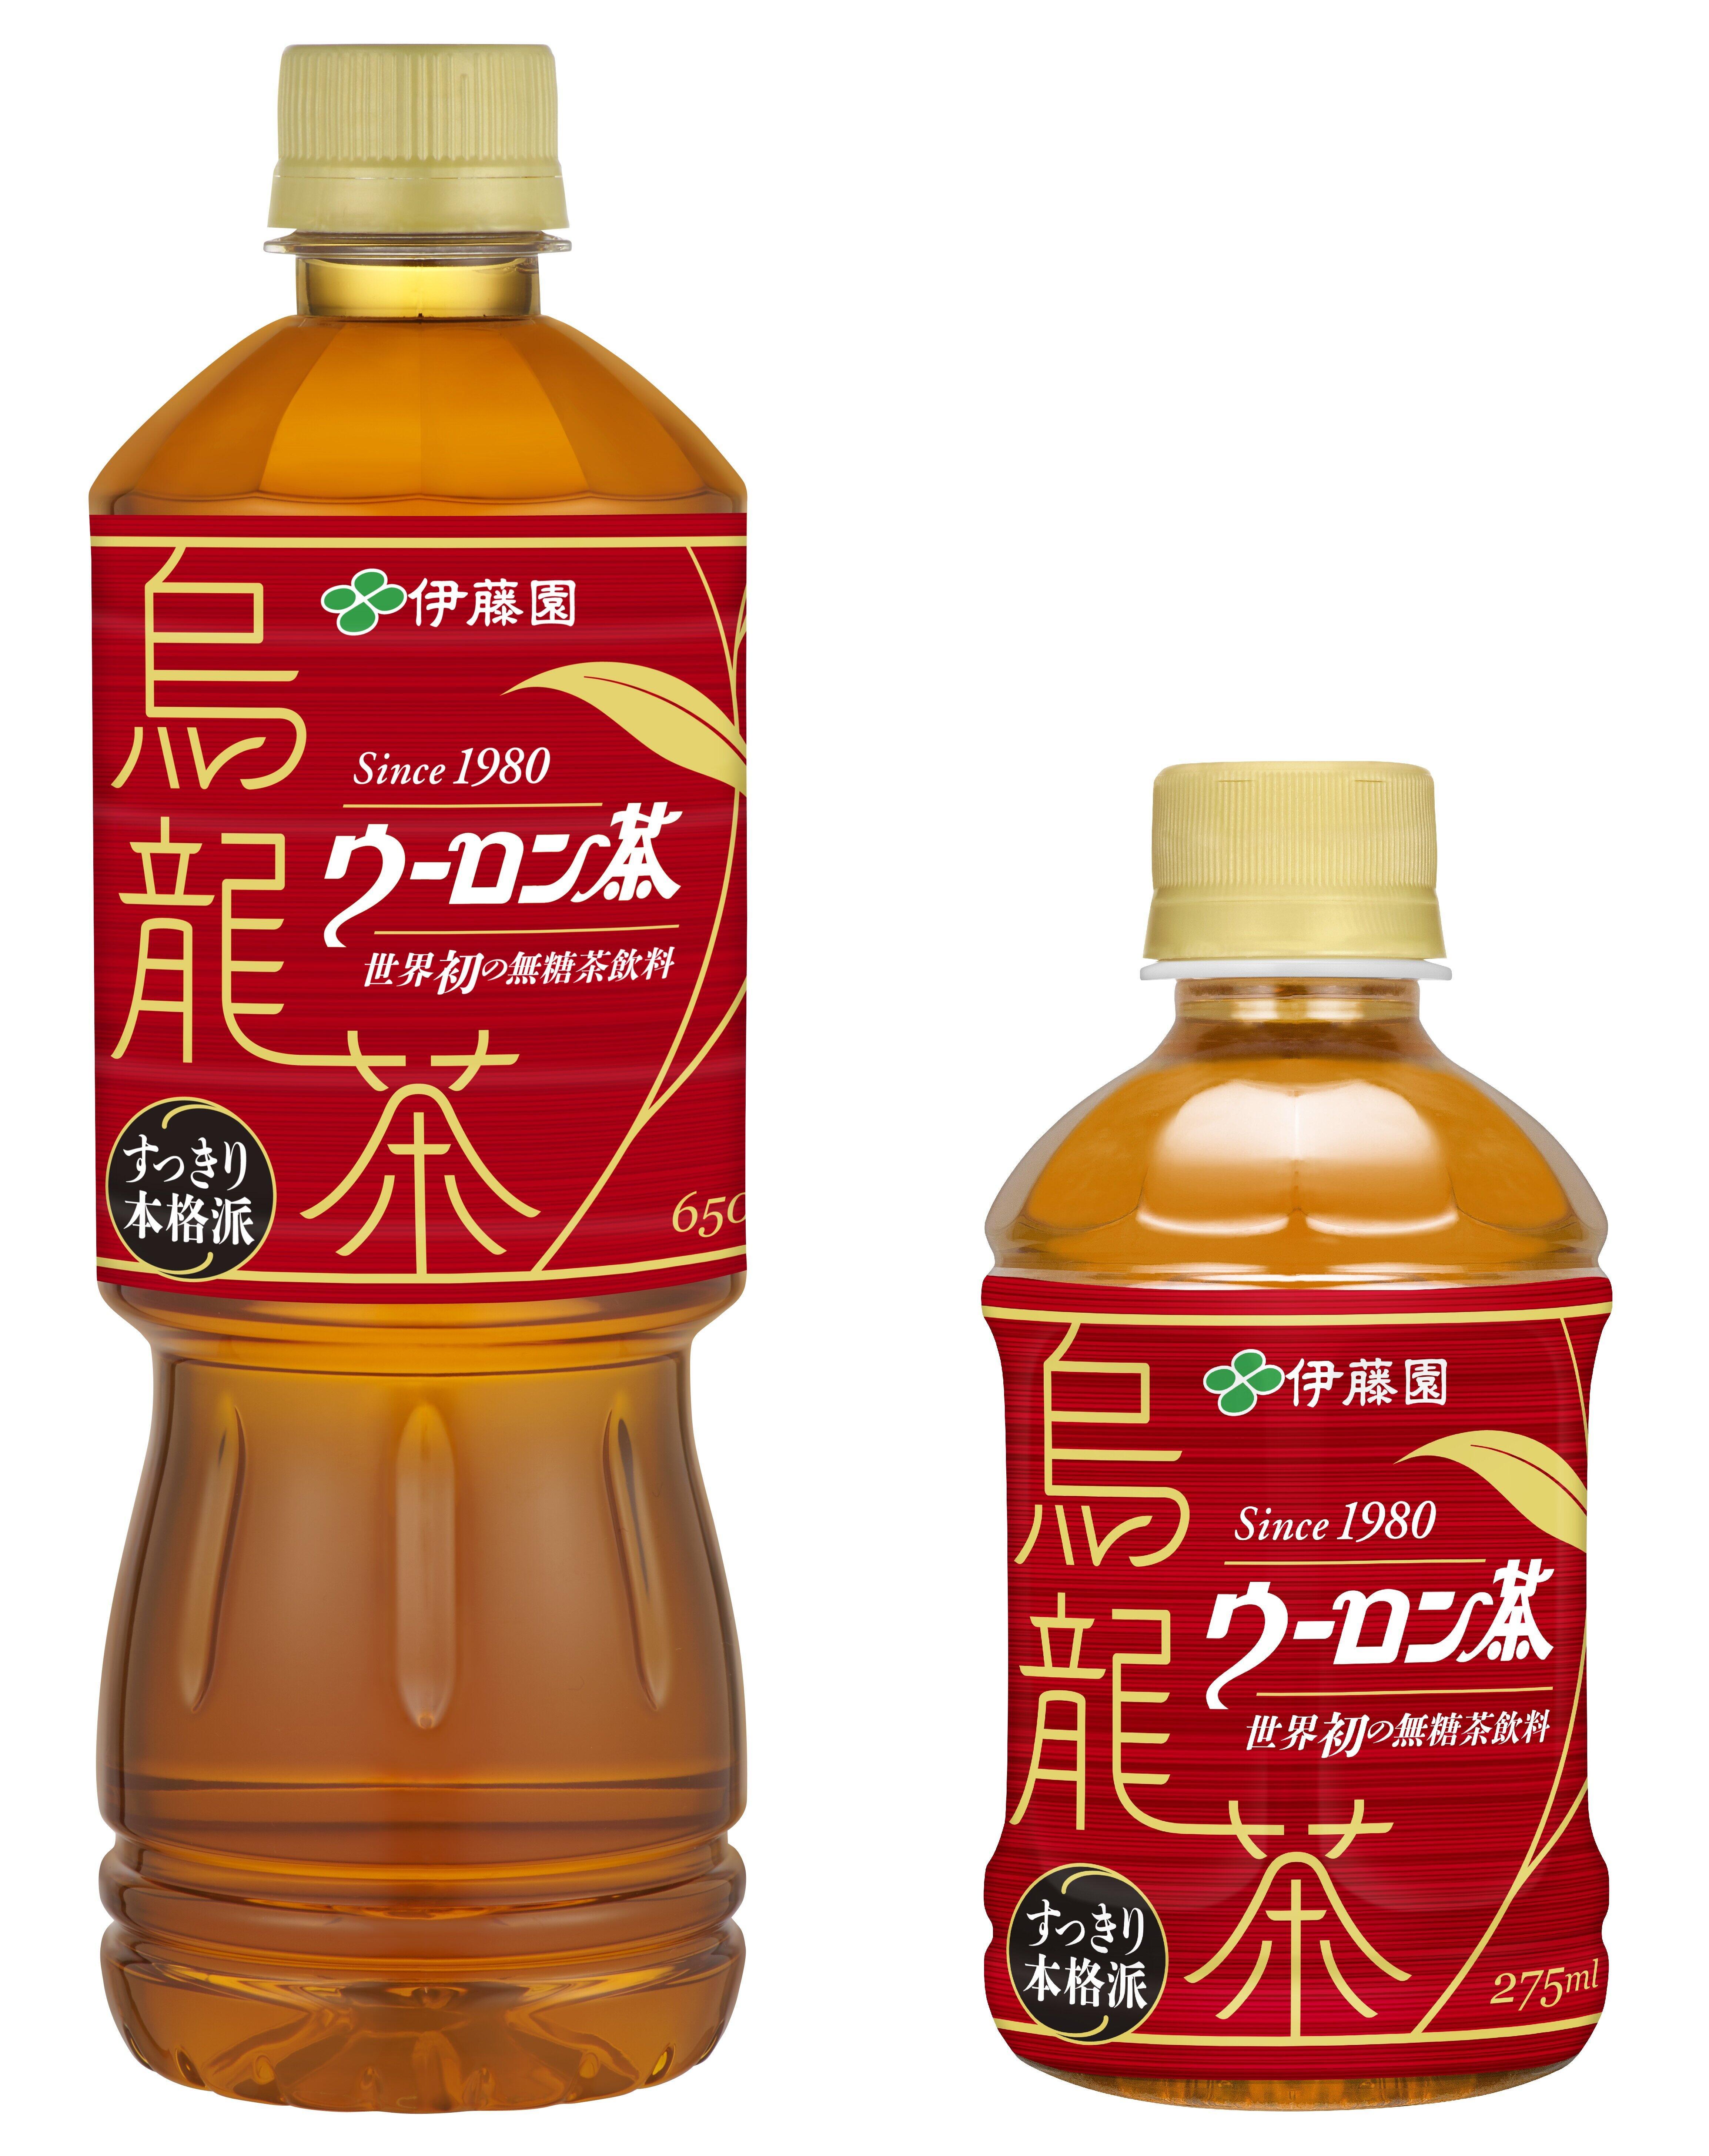 現代人の好みに合わせた「烏龍茶」 2種類の茶葉ごとに最適な抽出